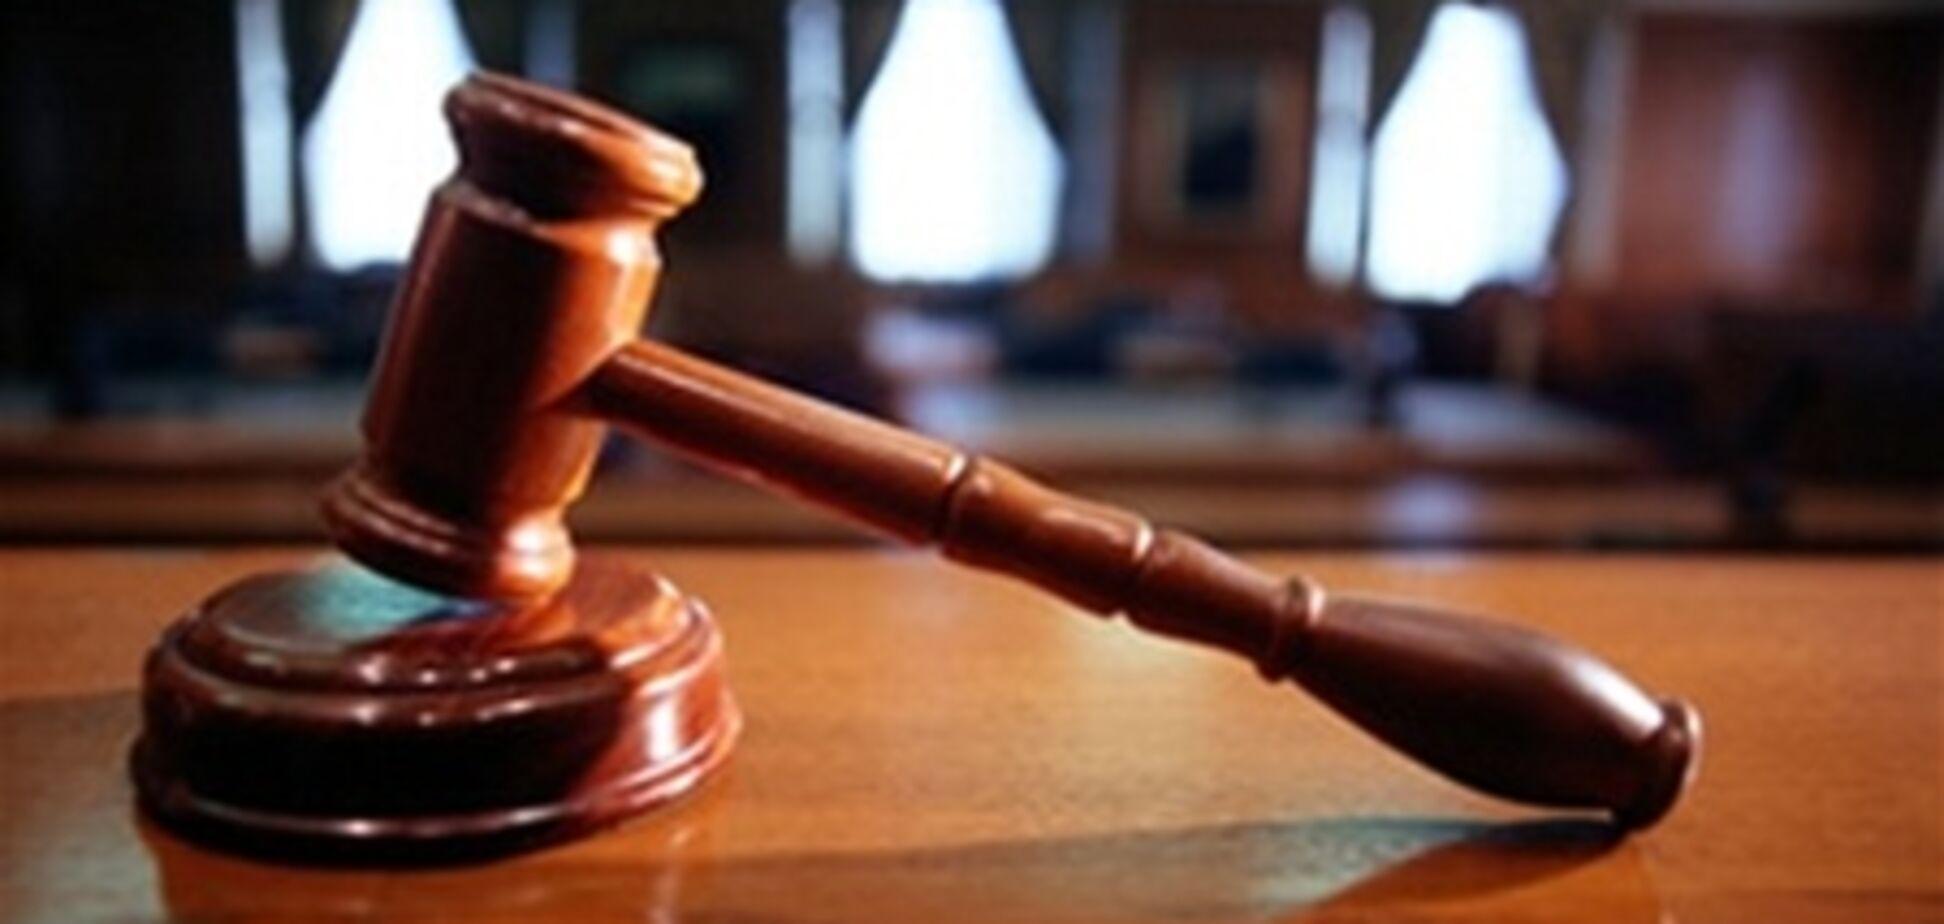 Племінник екс-президента Тунісу бен Алі постав перед судом